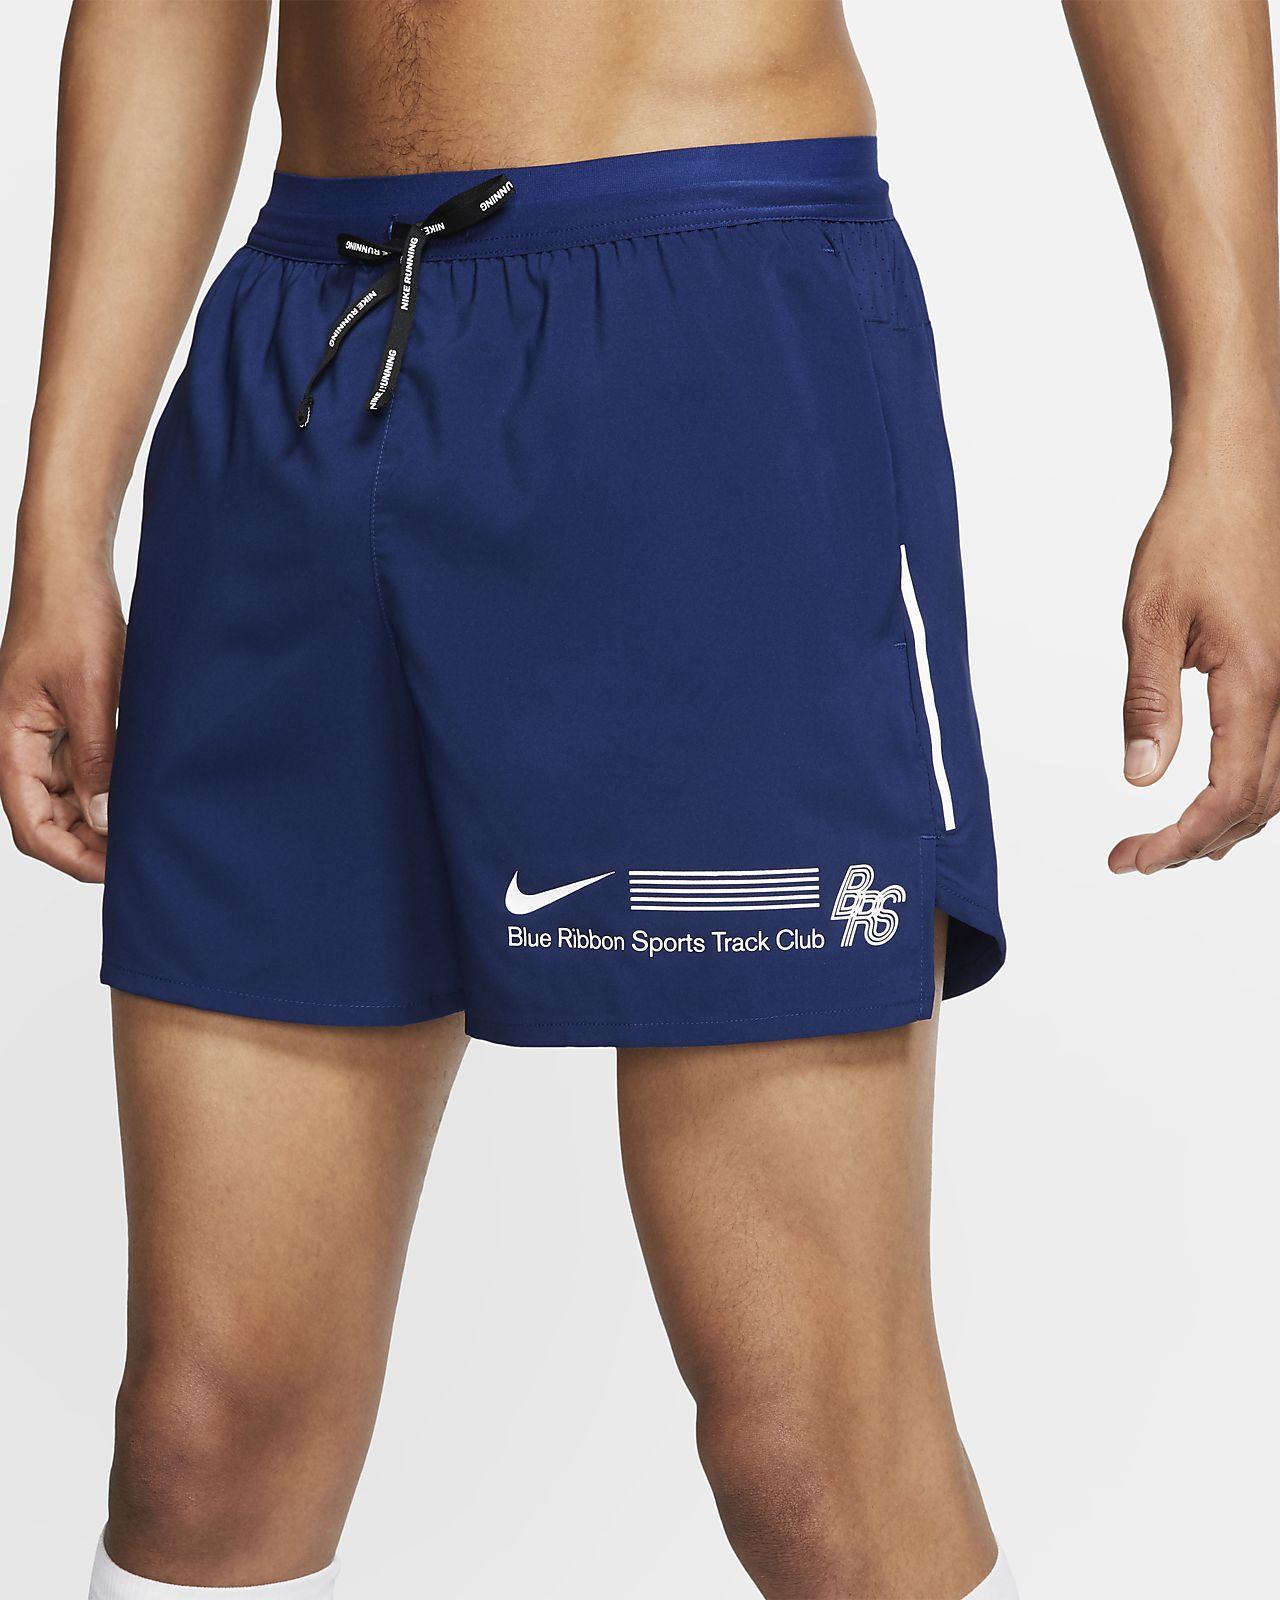 35728f9016 Nike Flex Stride BRS 12,5 cm-es bélelt férfi futórövidnadrág. Nike ...